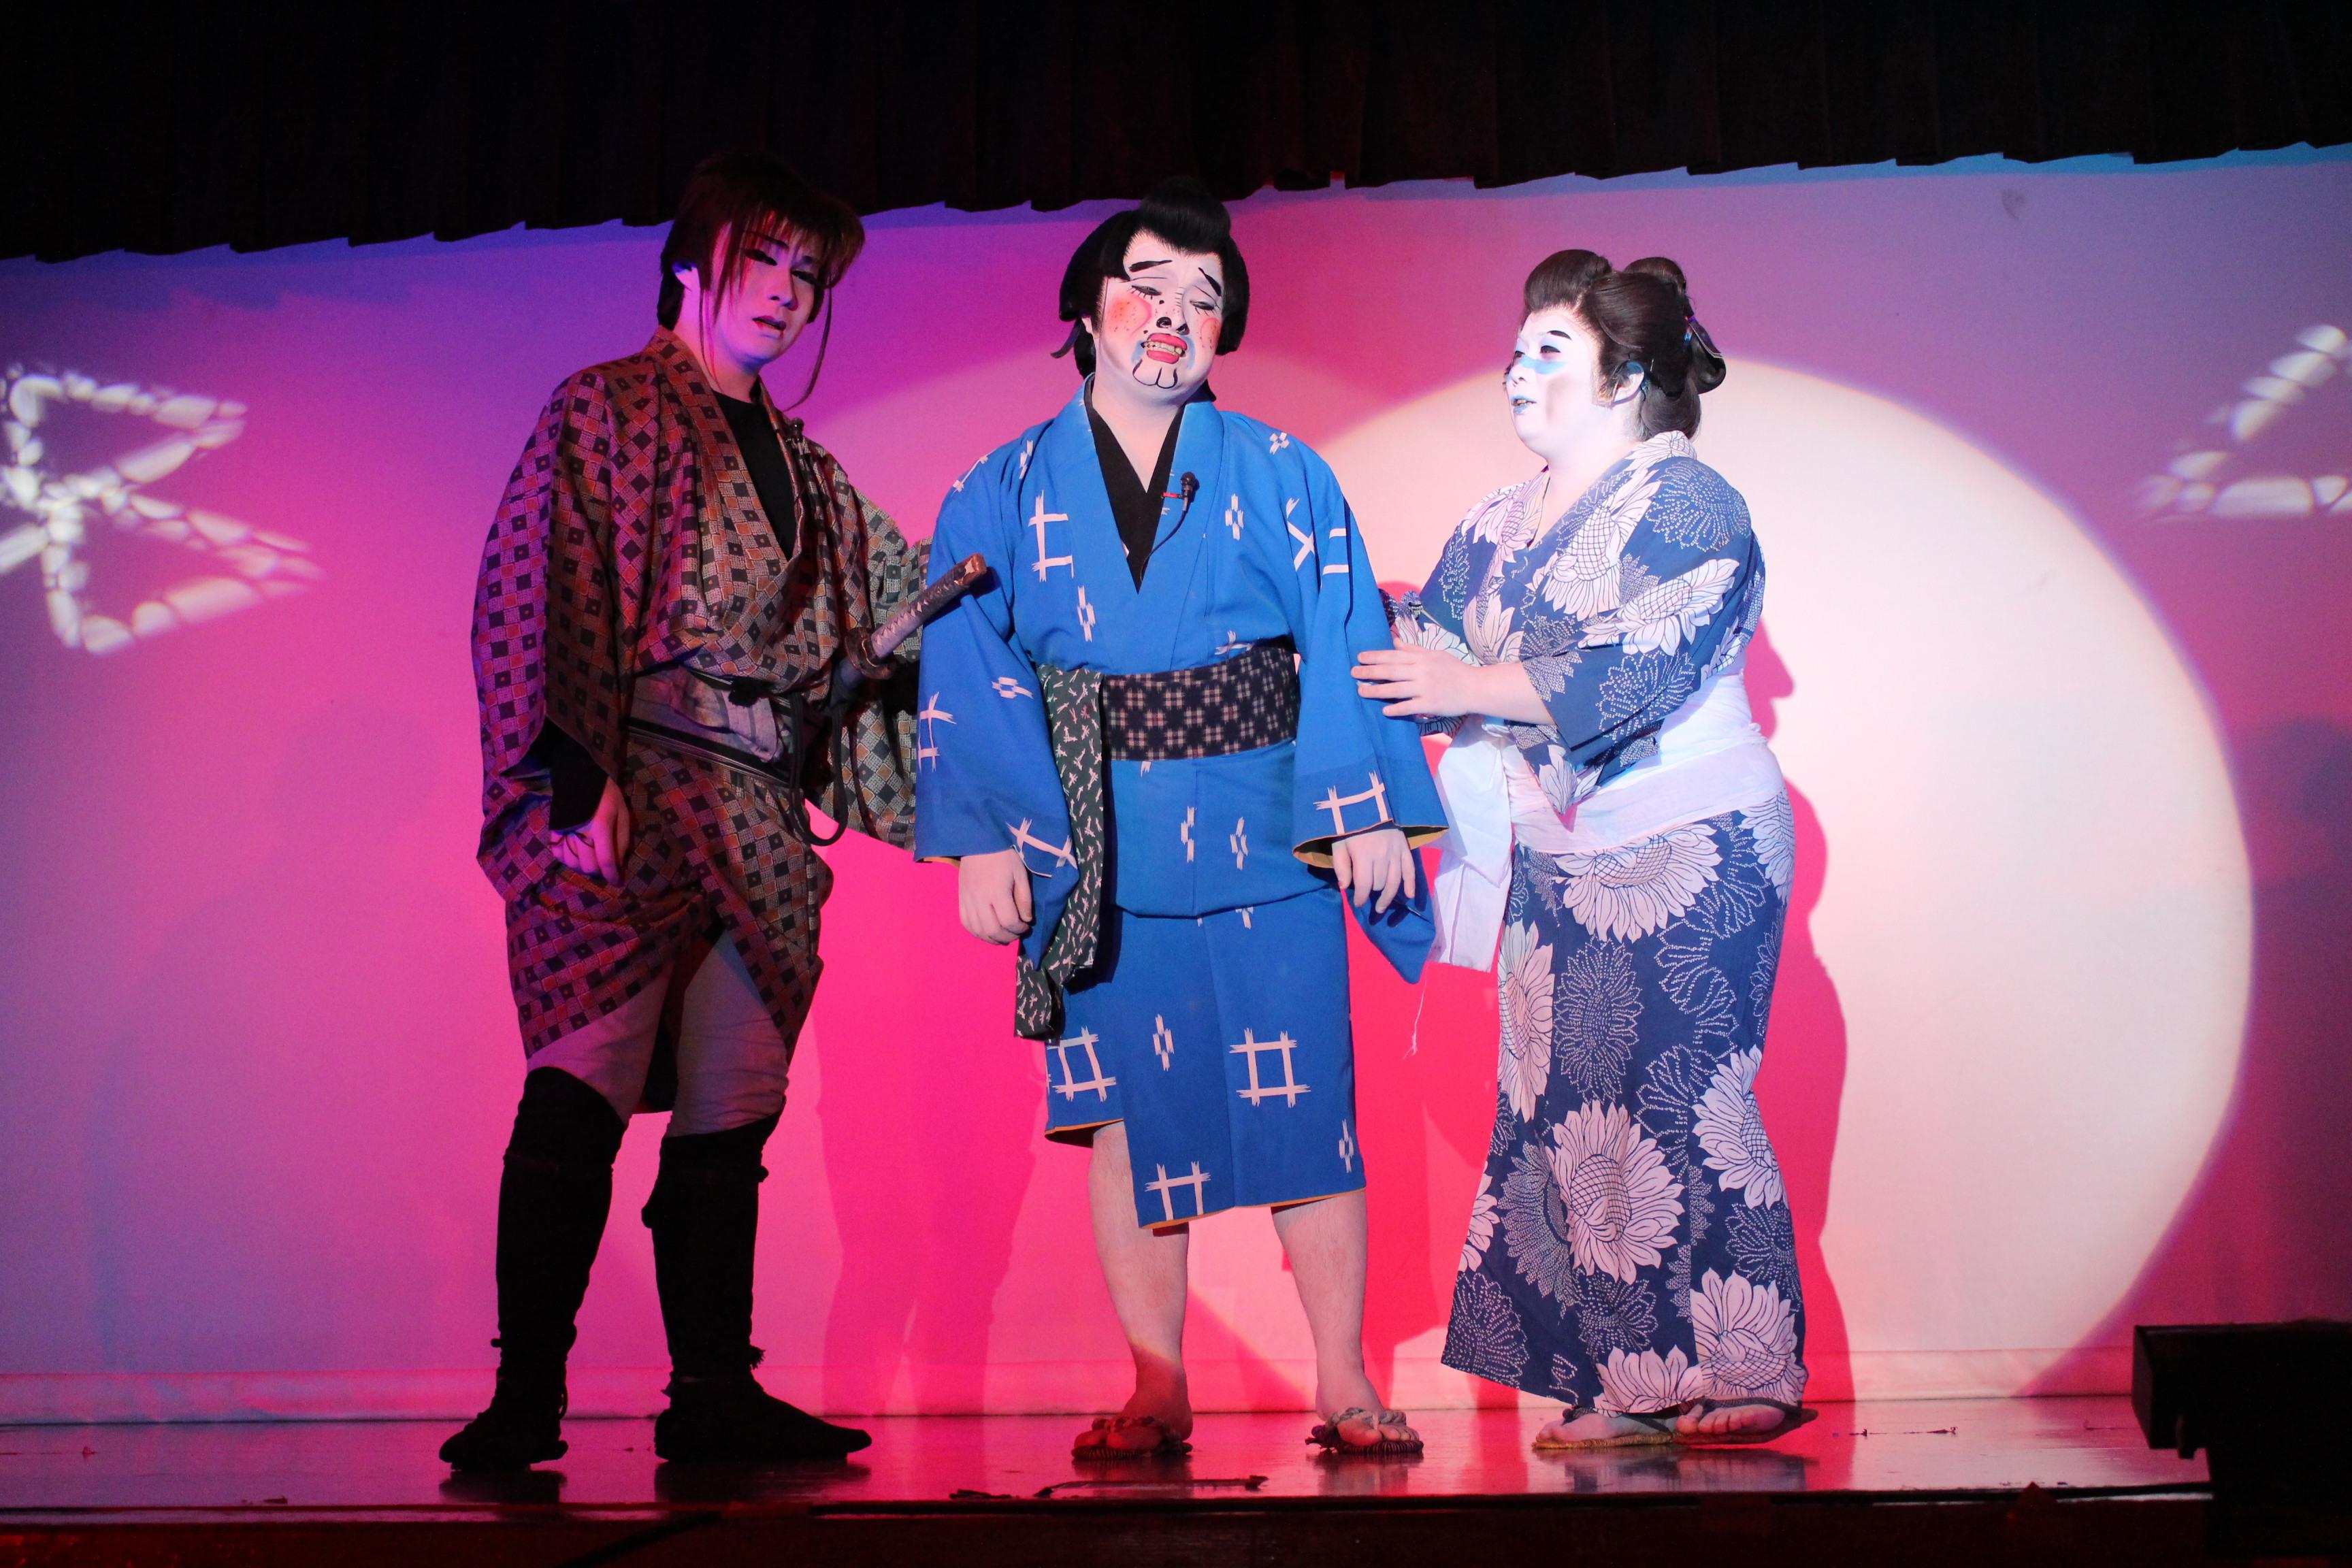 淺井春道演じる、クセの強い太郎吉が大暴れする爆笑舞踊ショー「沓掛時次郎」